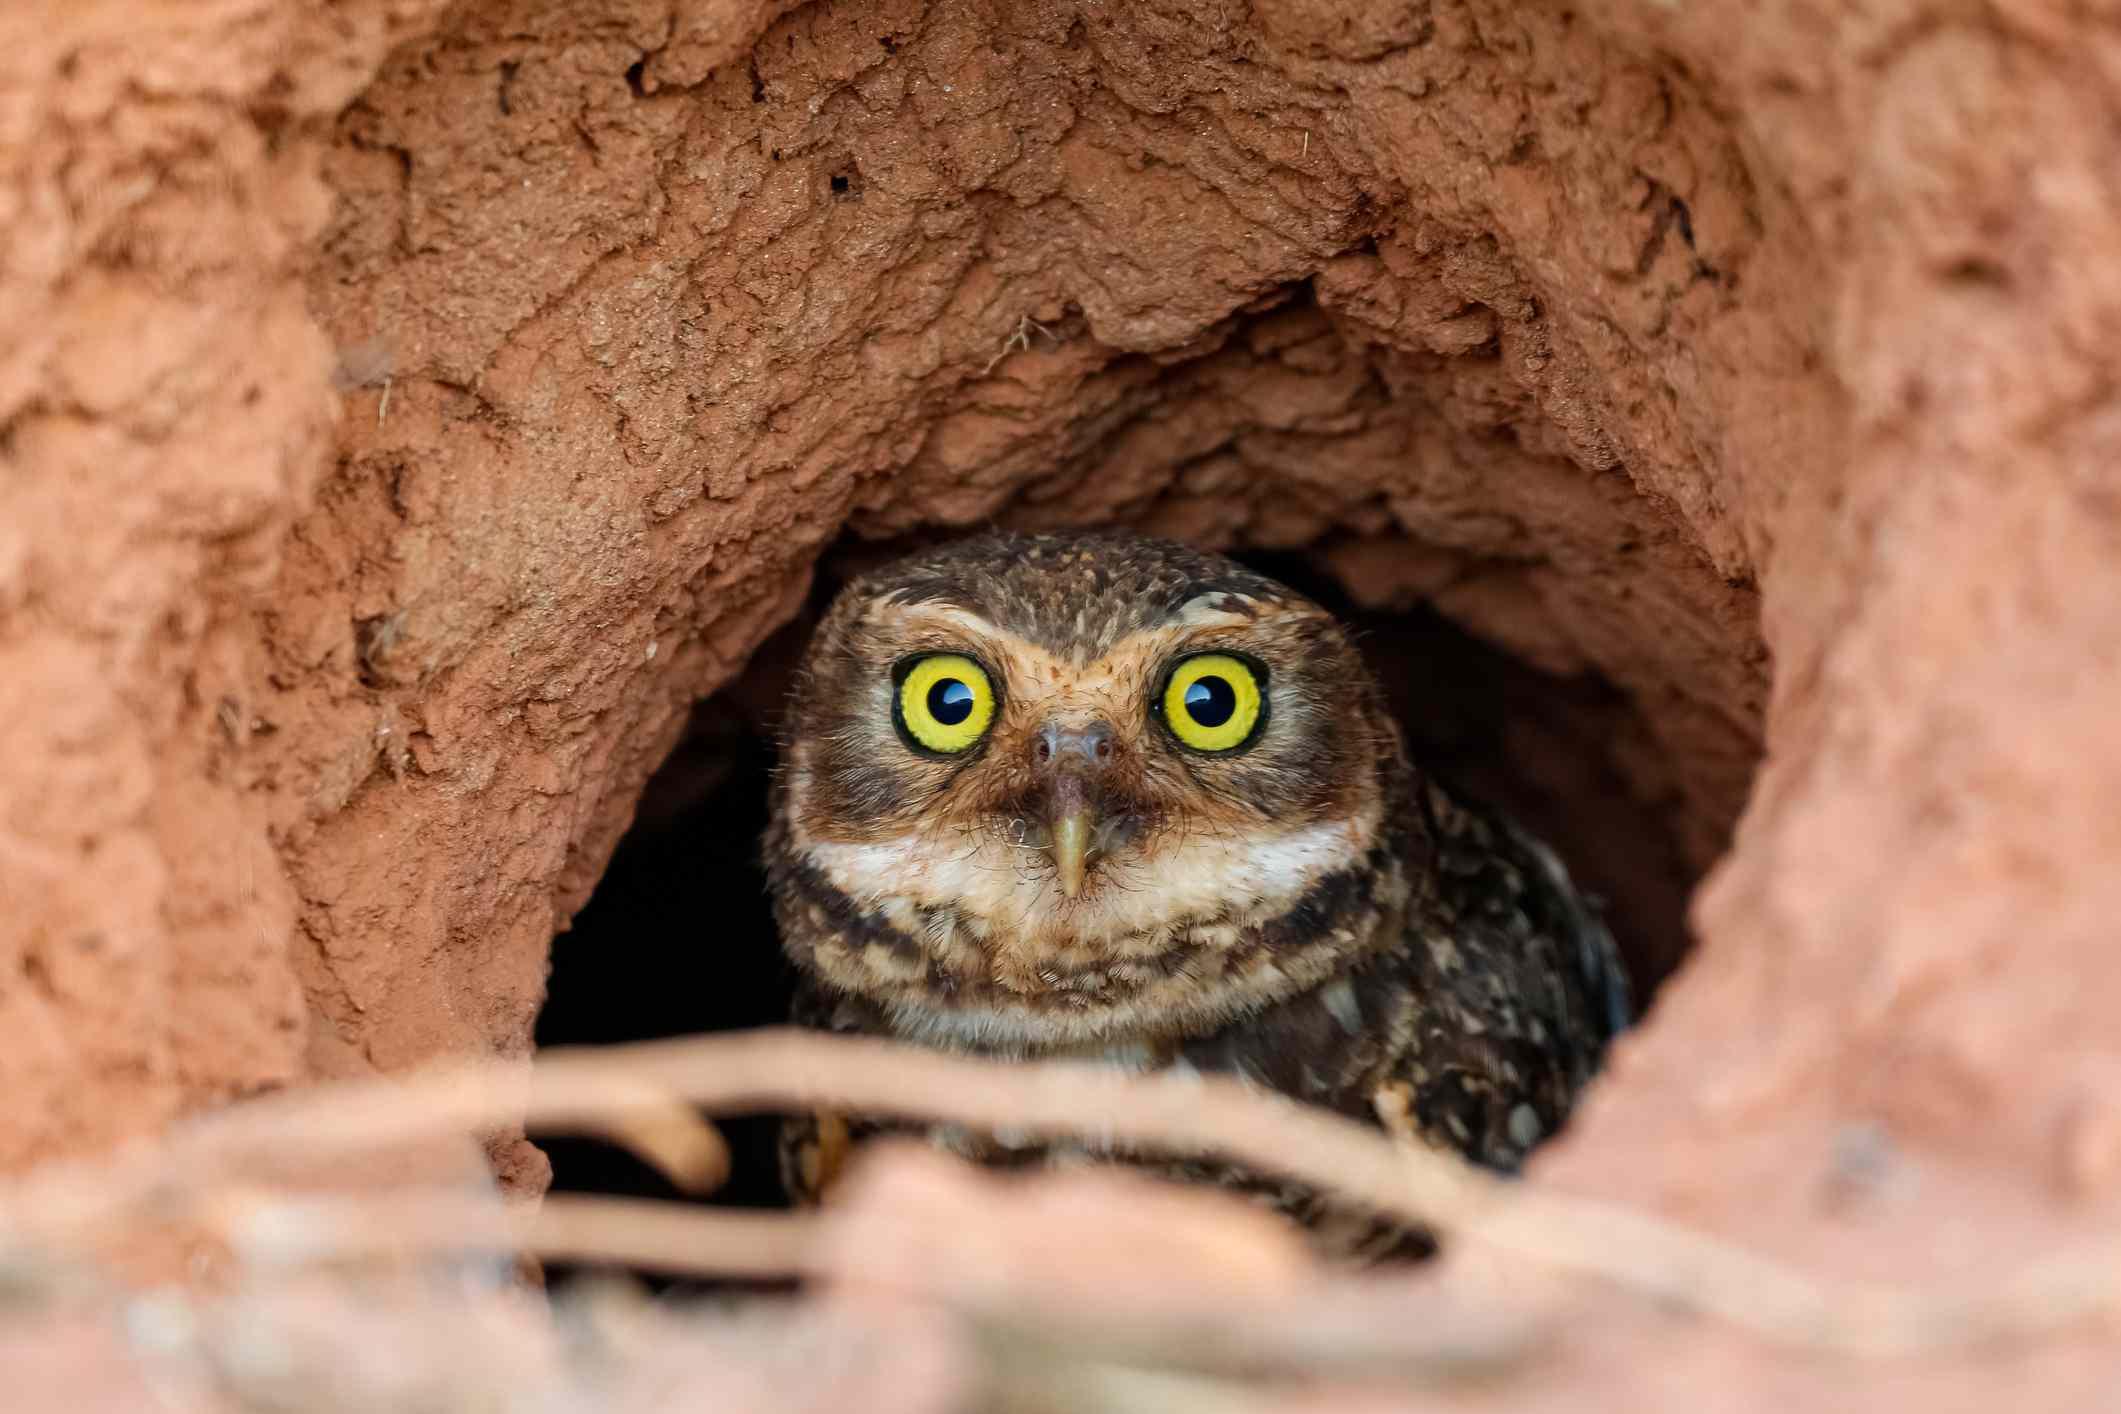 Burrowing owl peeking out of its burrow